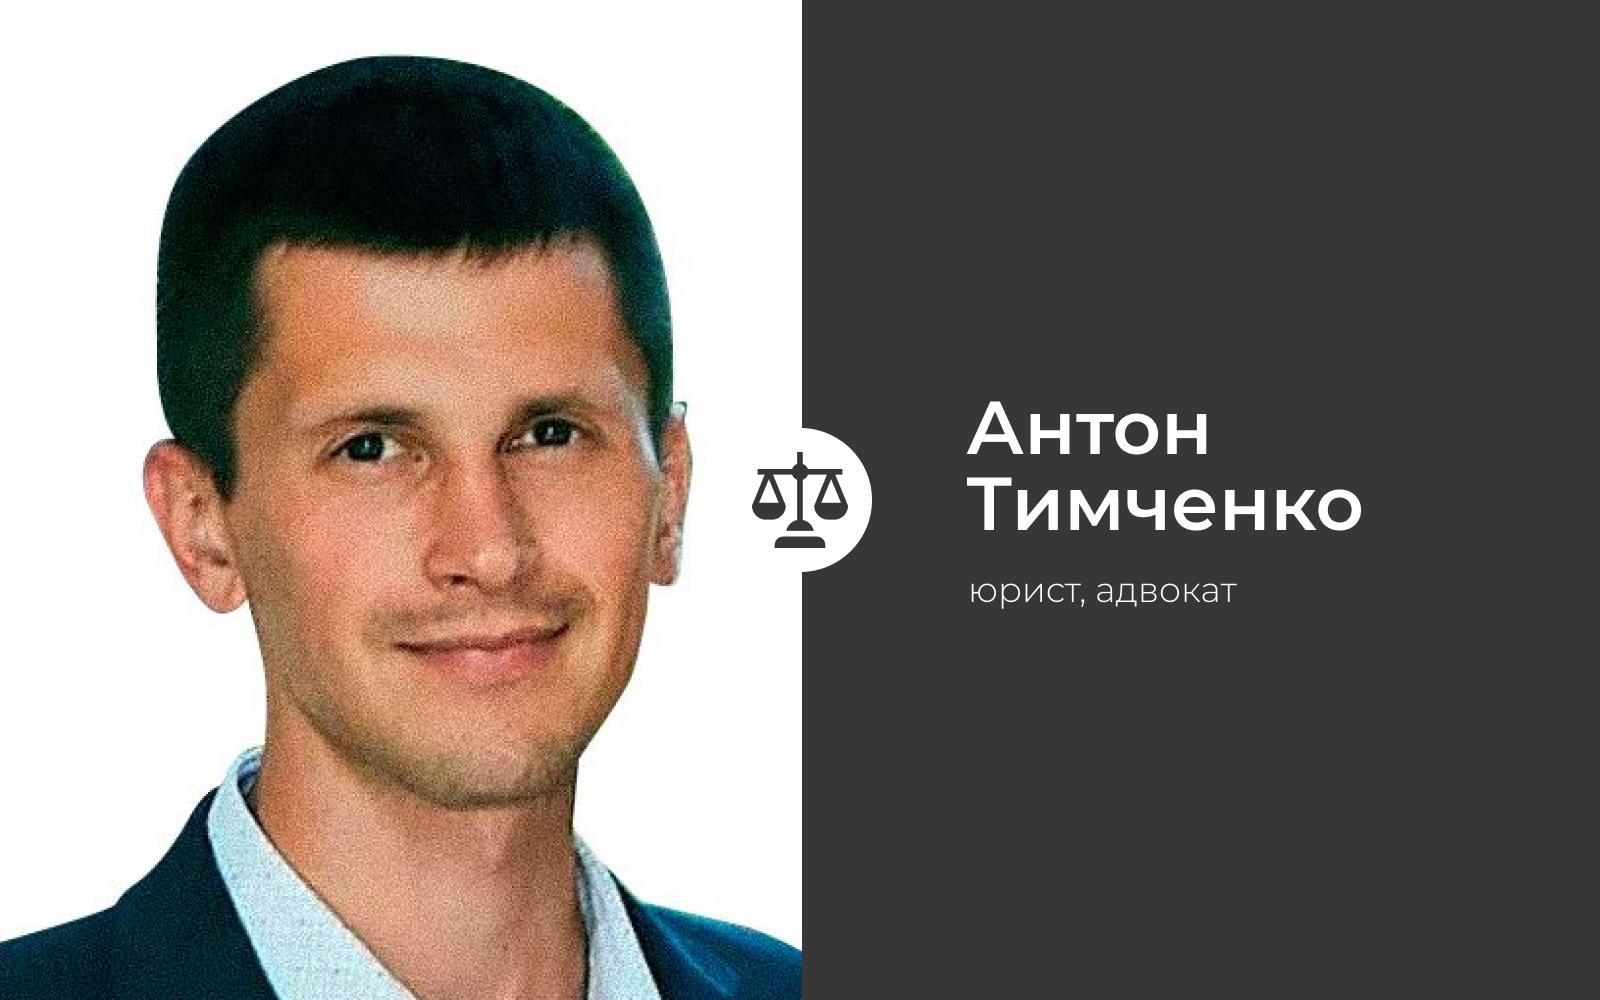 Tymchenko